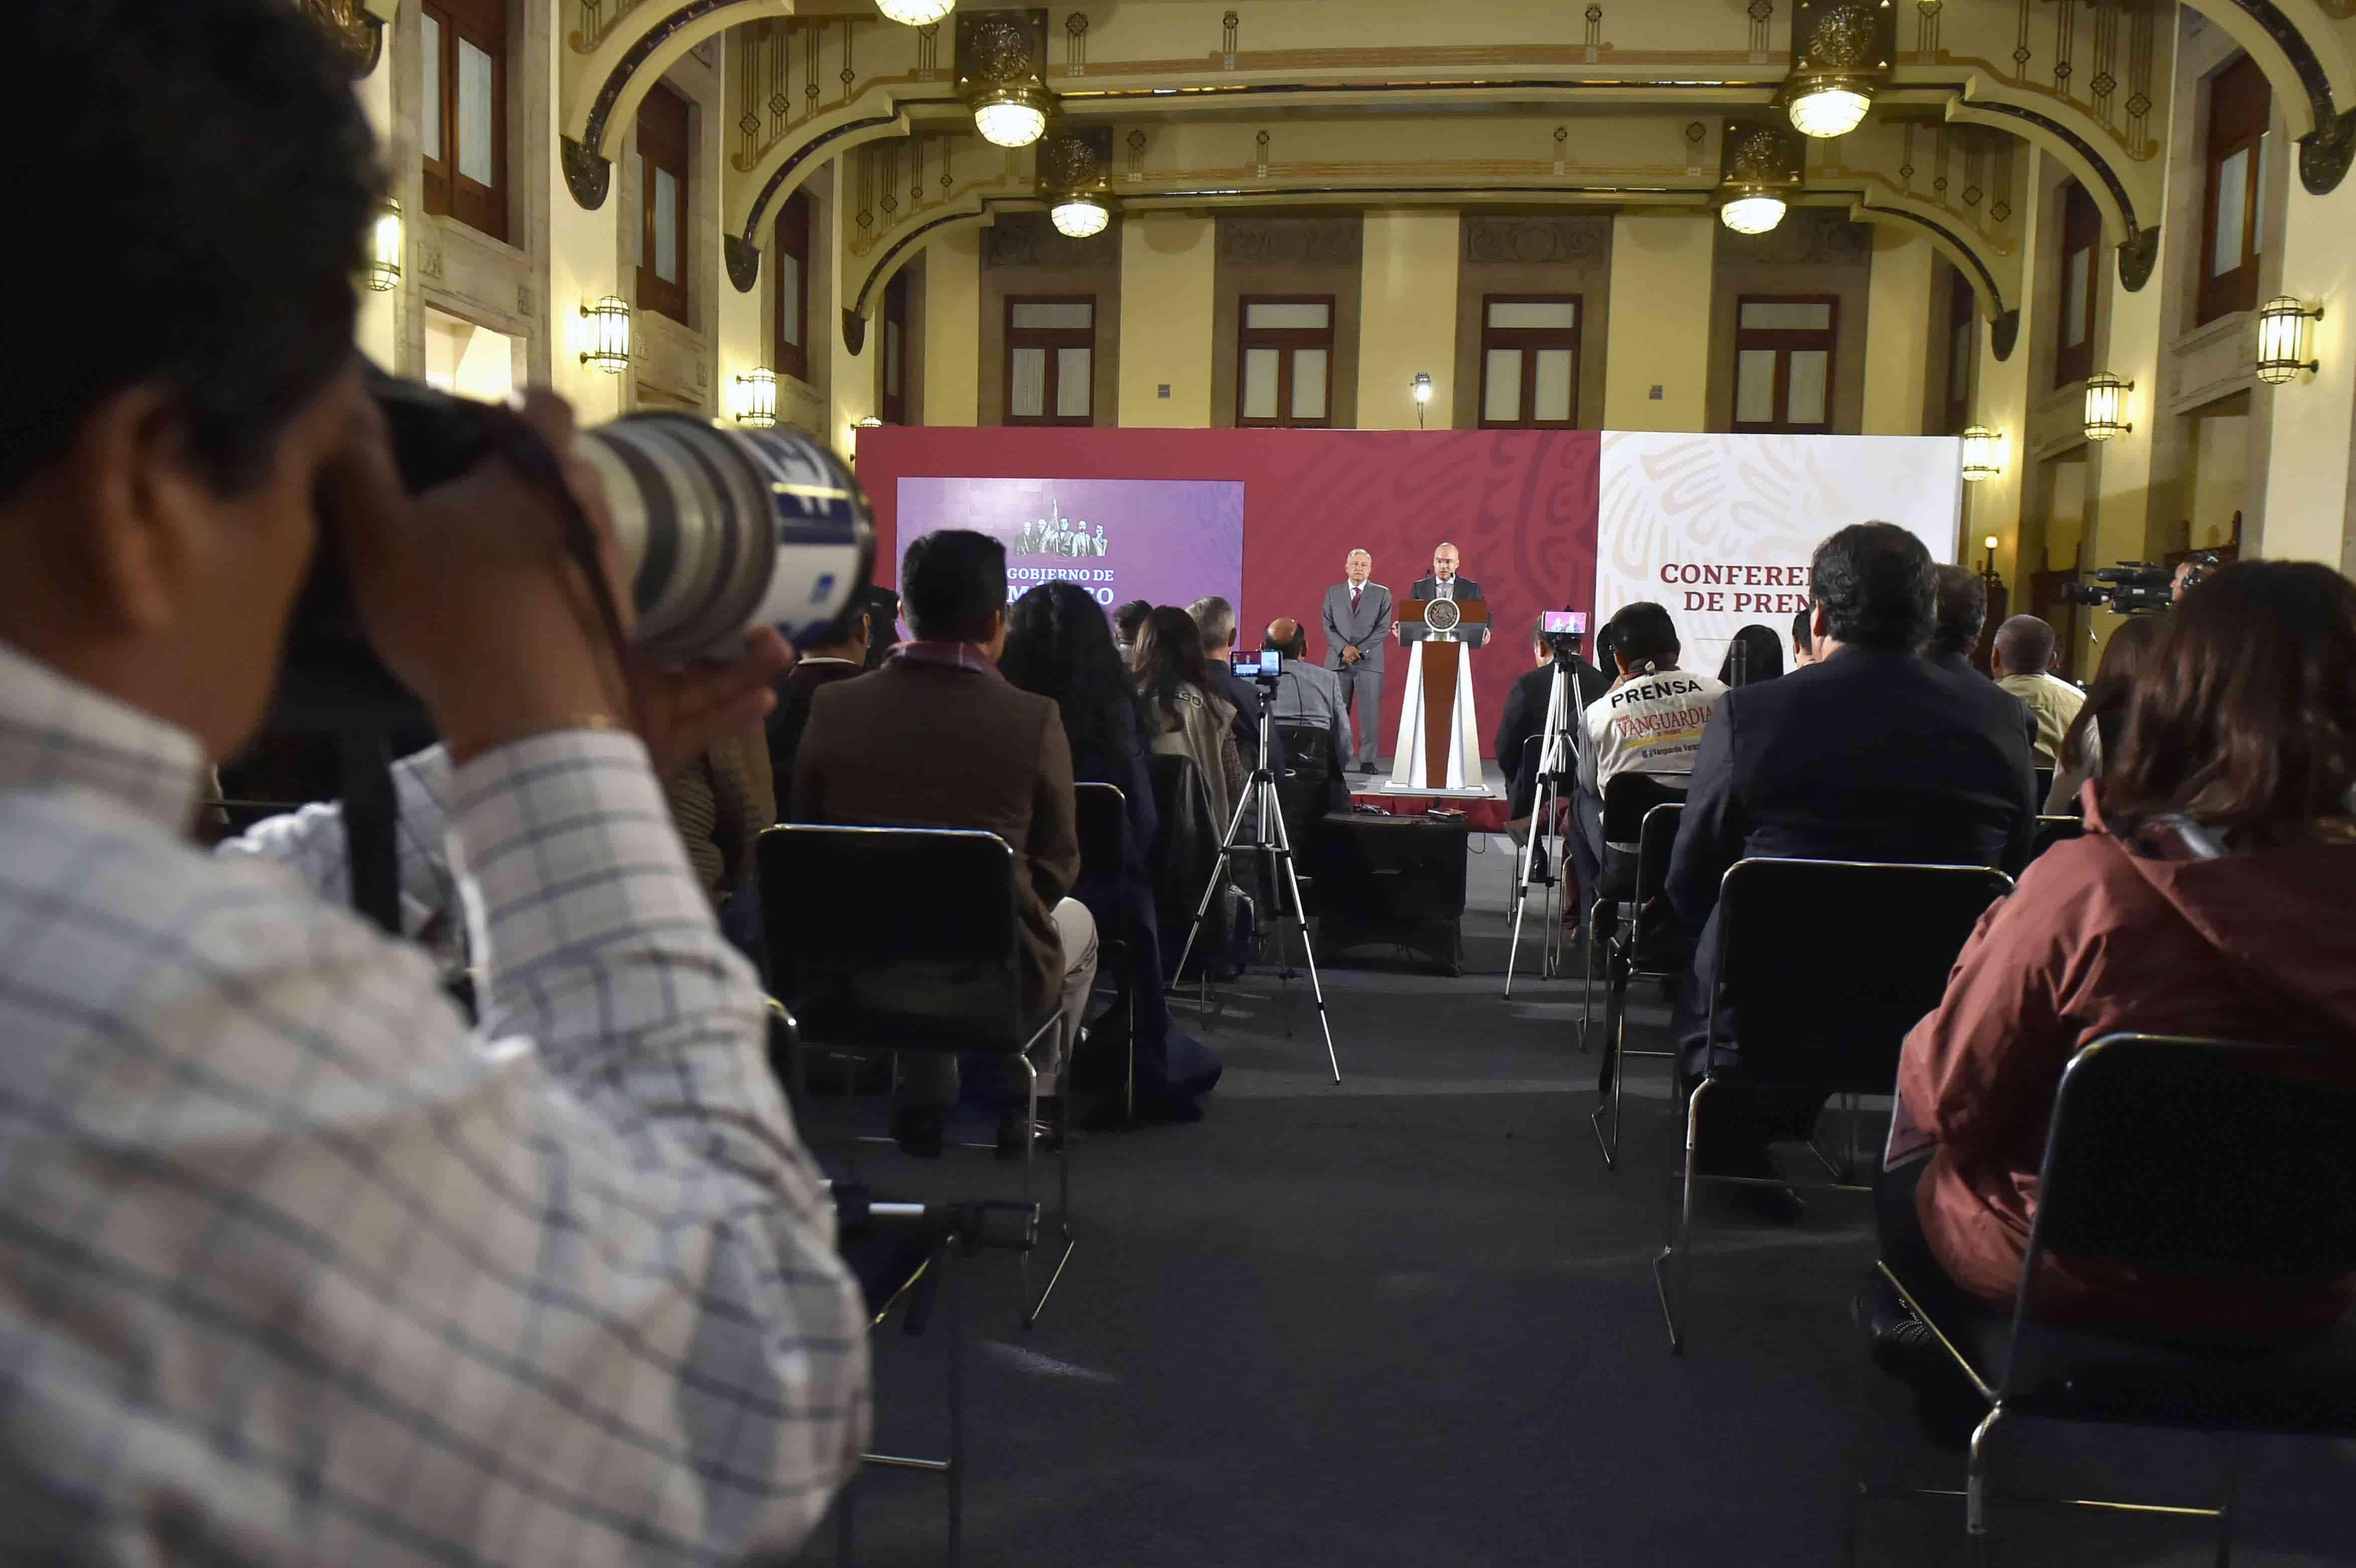 Miércoles 21 de agosto 2019. Conferencia de prensa matutina. Salón de la Tesorería, Palacio Nacional